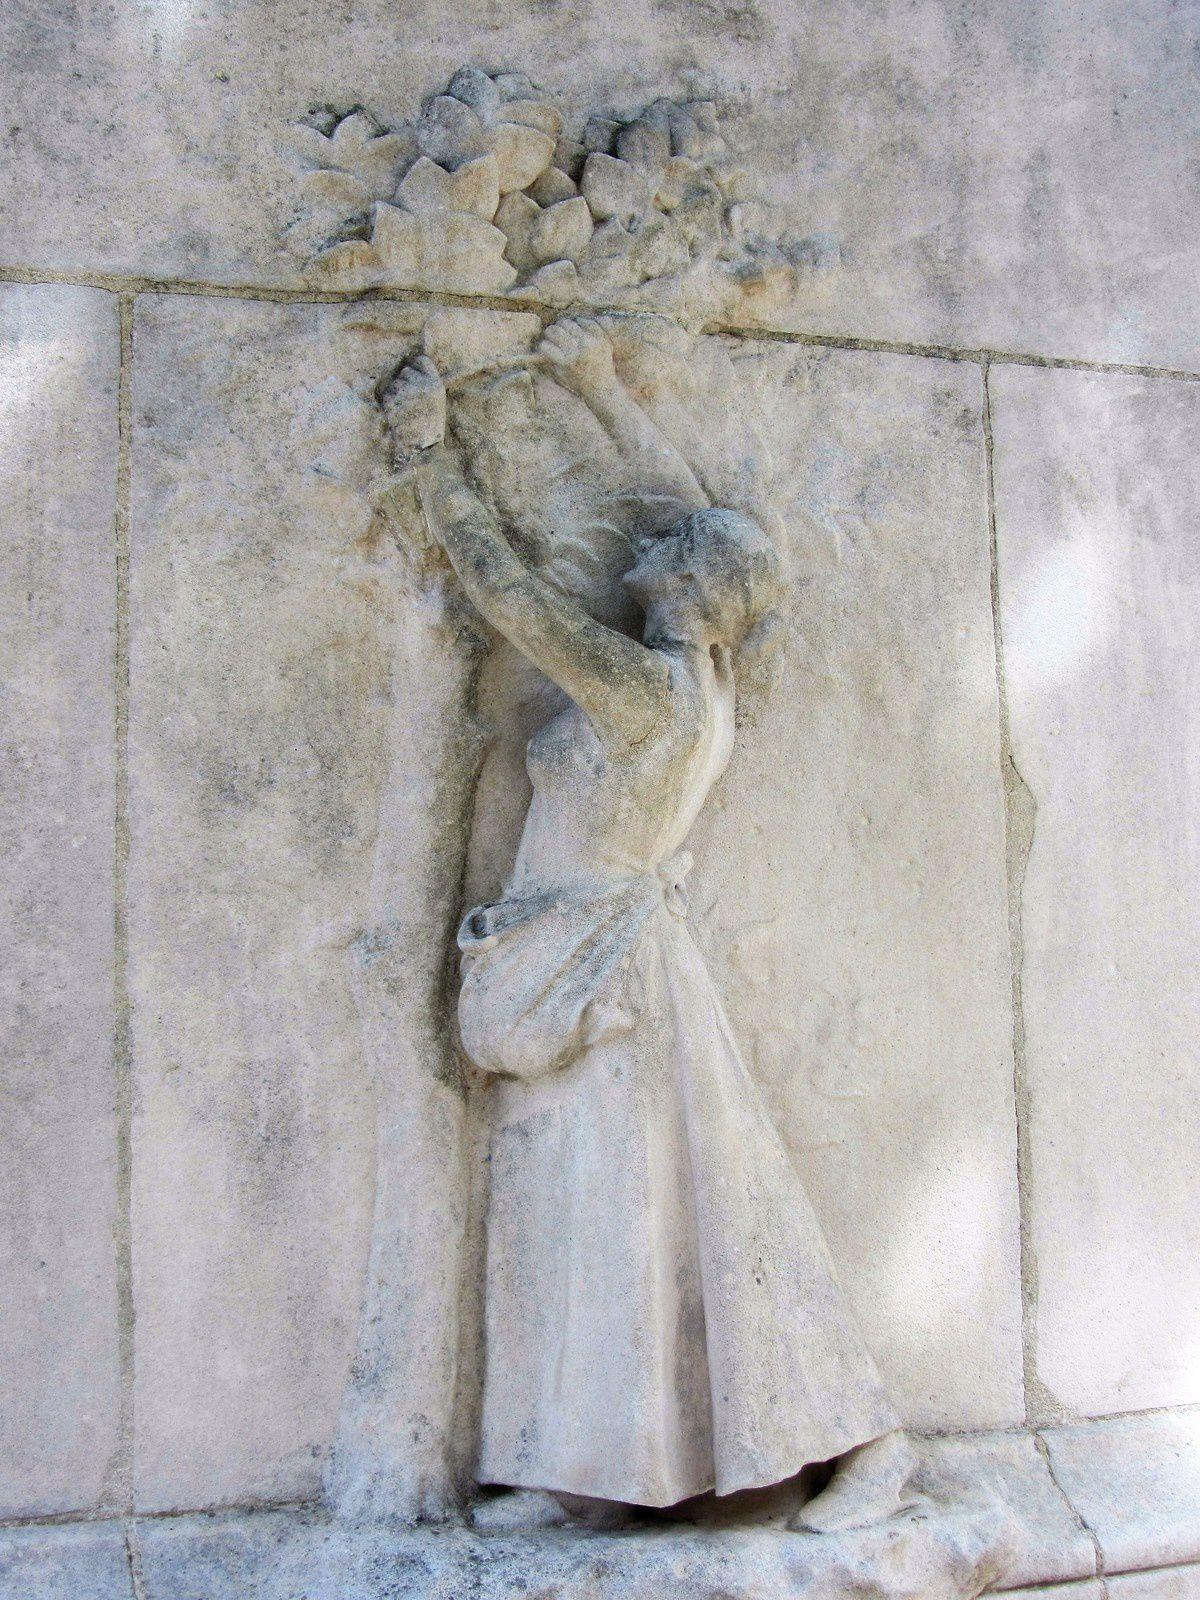 Et sur le socle d'un monument une cueilleuse de vers à soie, on reconnait la feuille du mûrier.